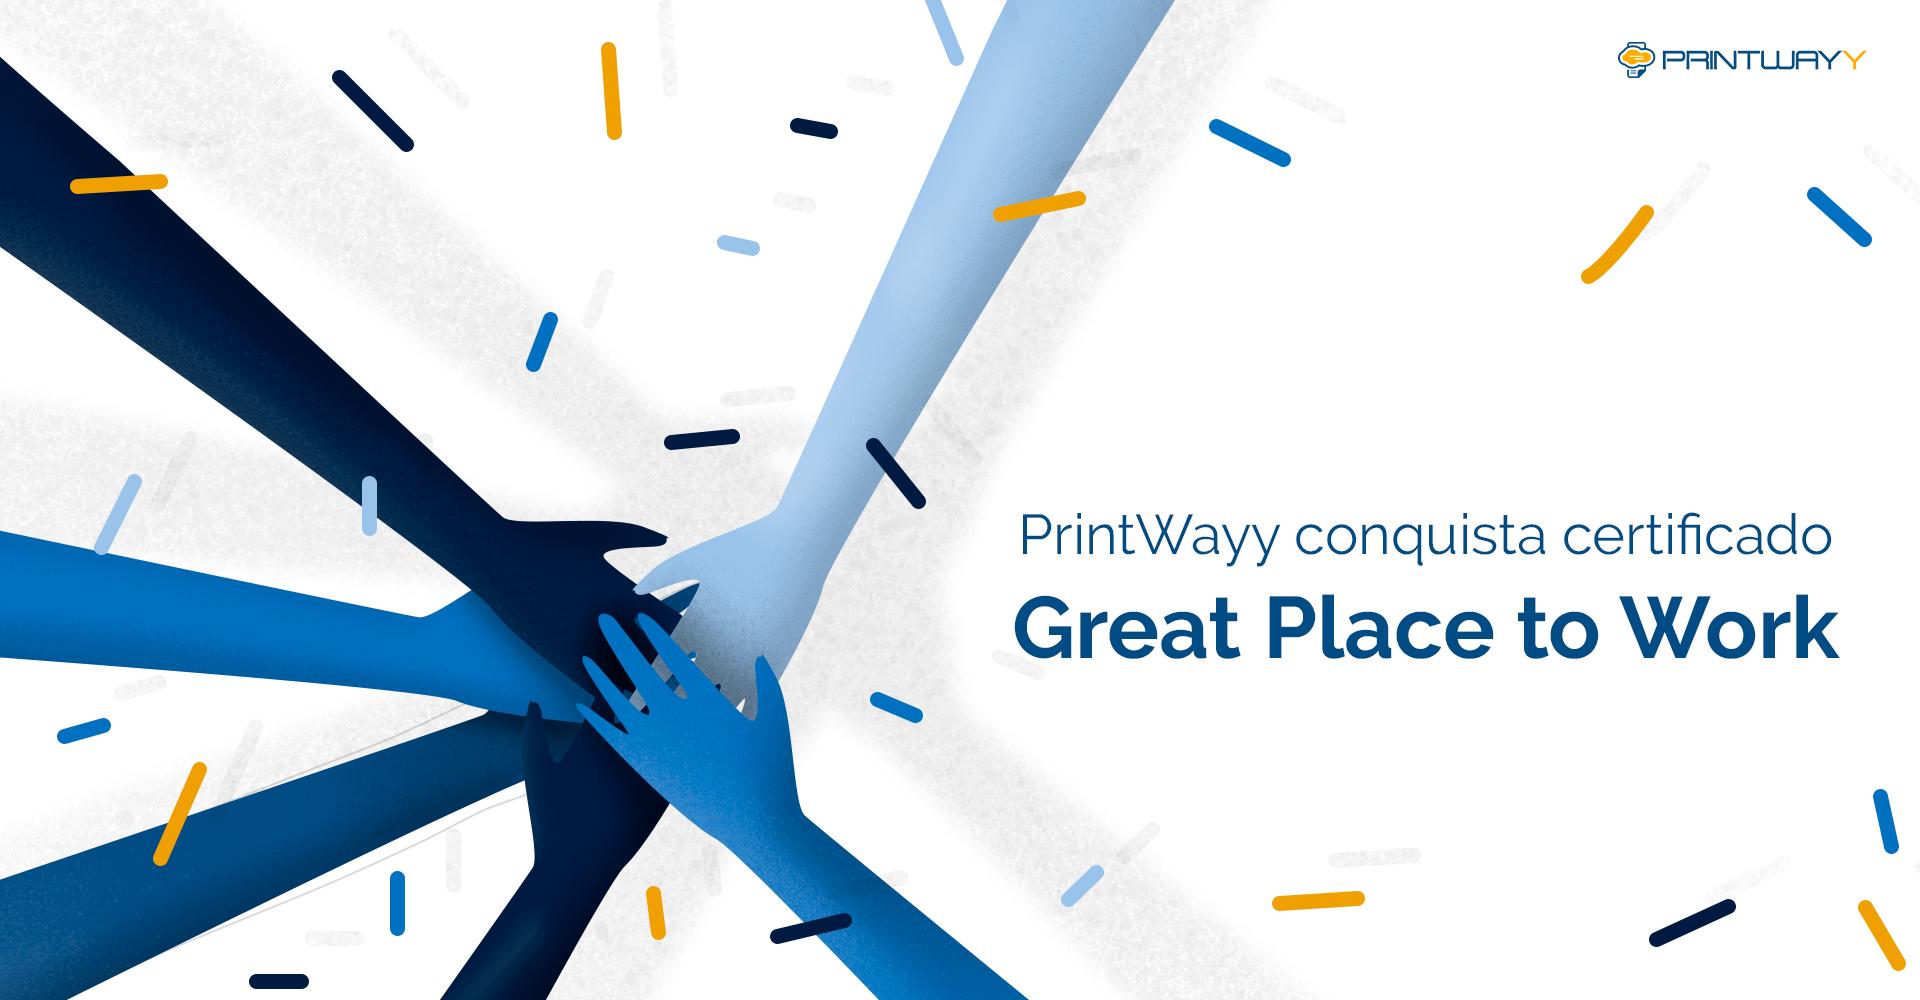 Mãos unidas, umas sob as outras comemorando a certificação Great Place to Work da PrintWayy.